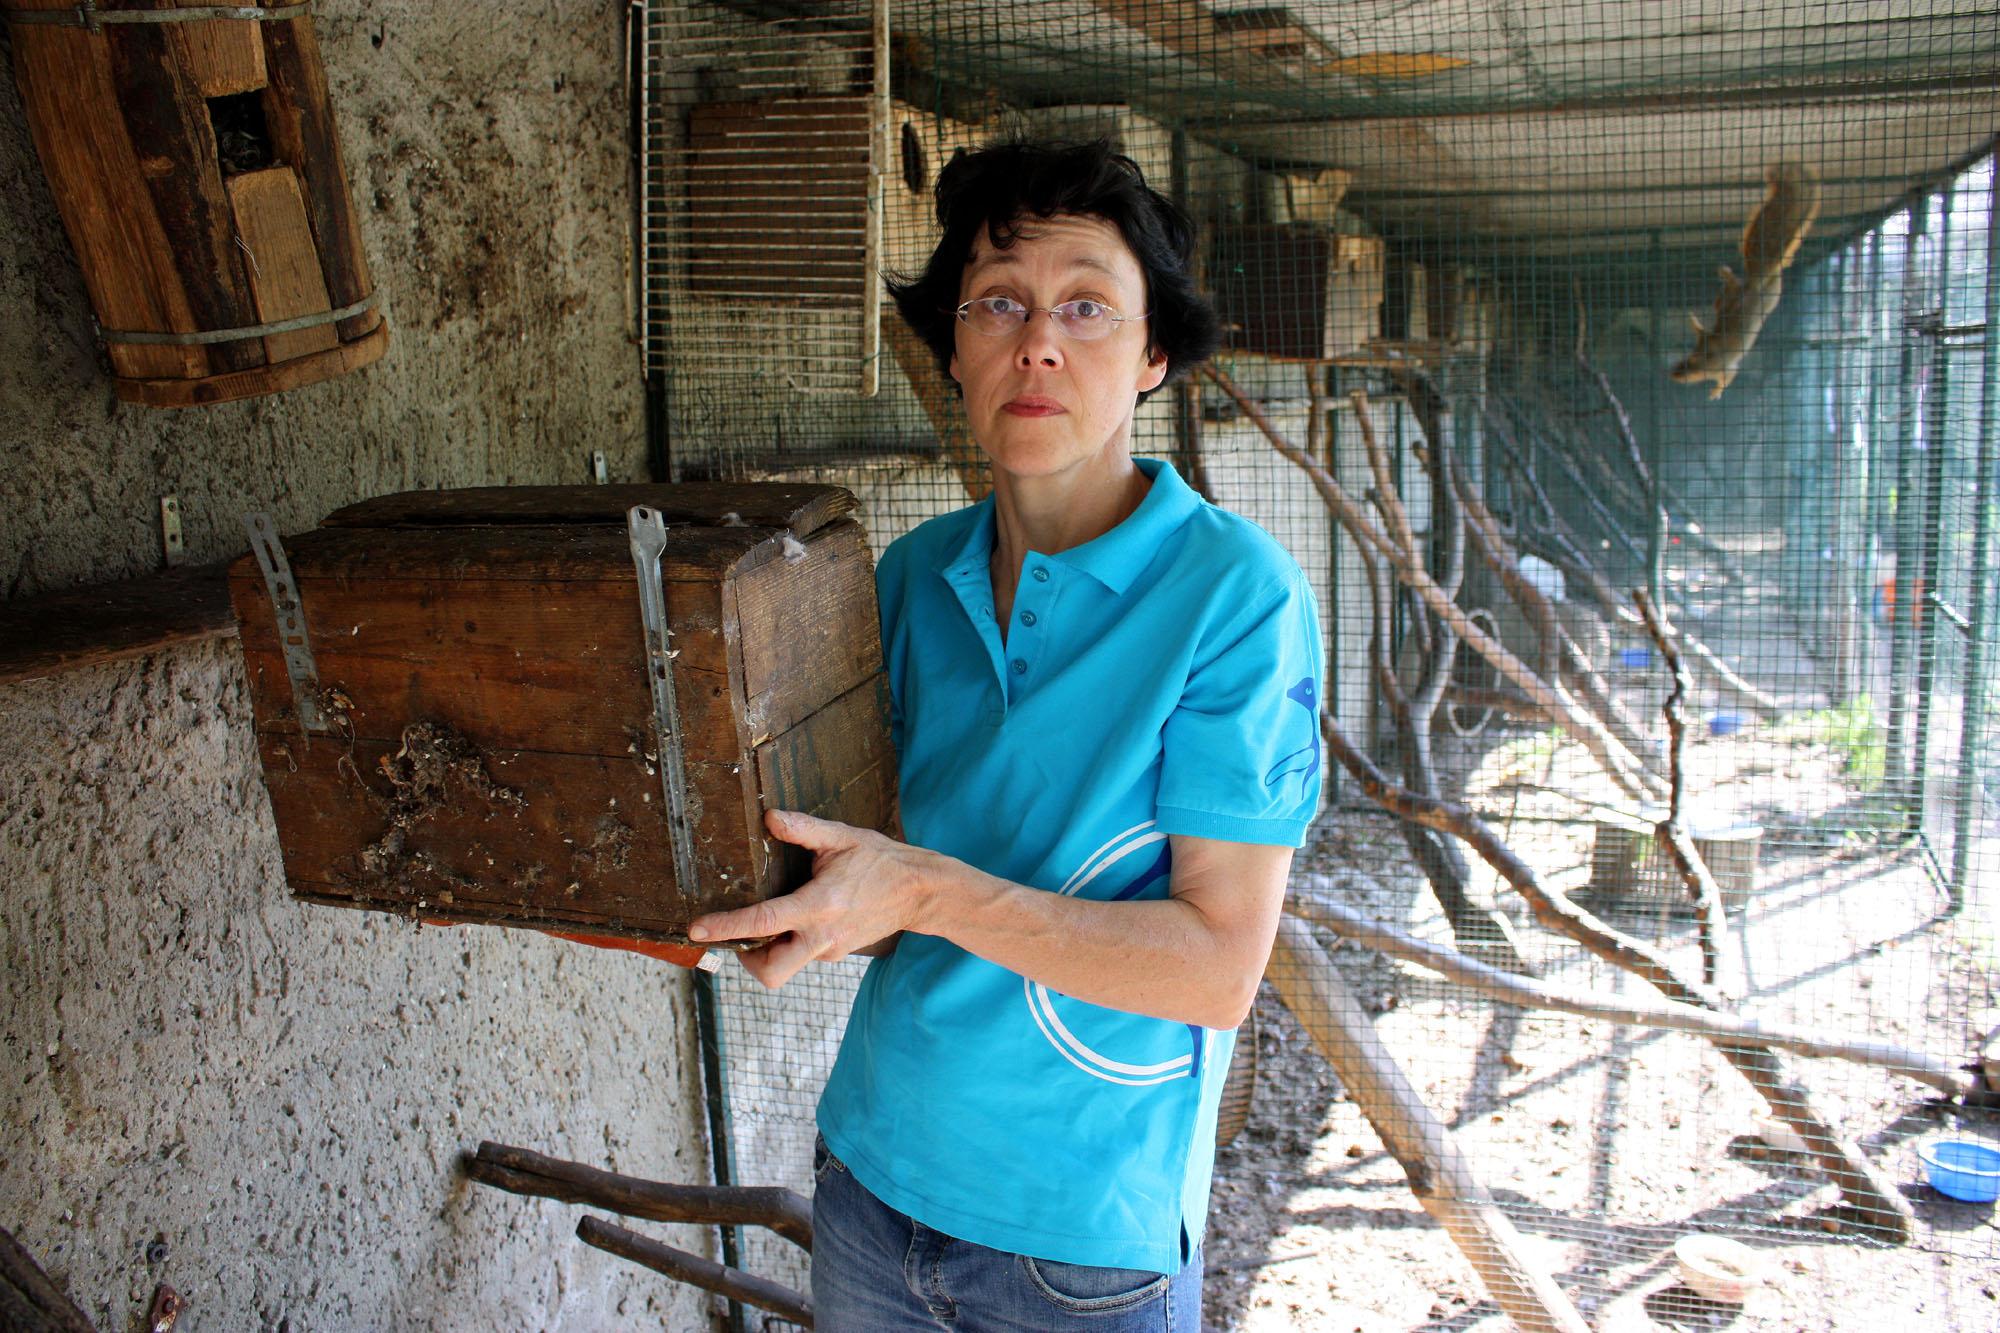 Tanya Lenn ist schockiert über die schlechte Eichhörnchenhaltung